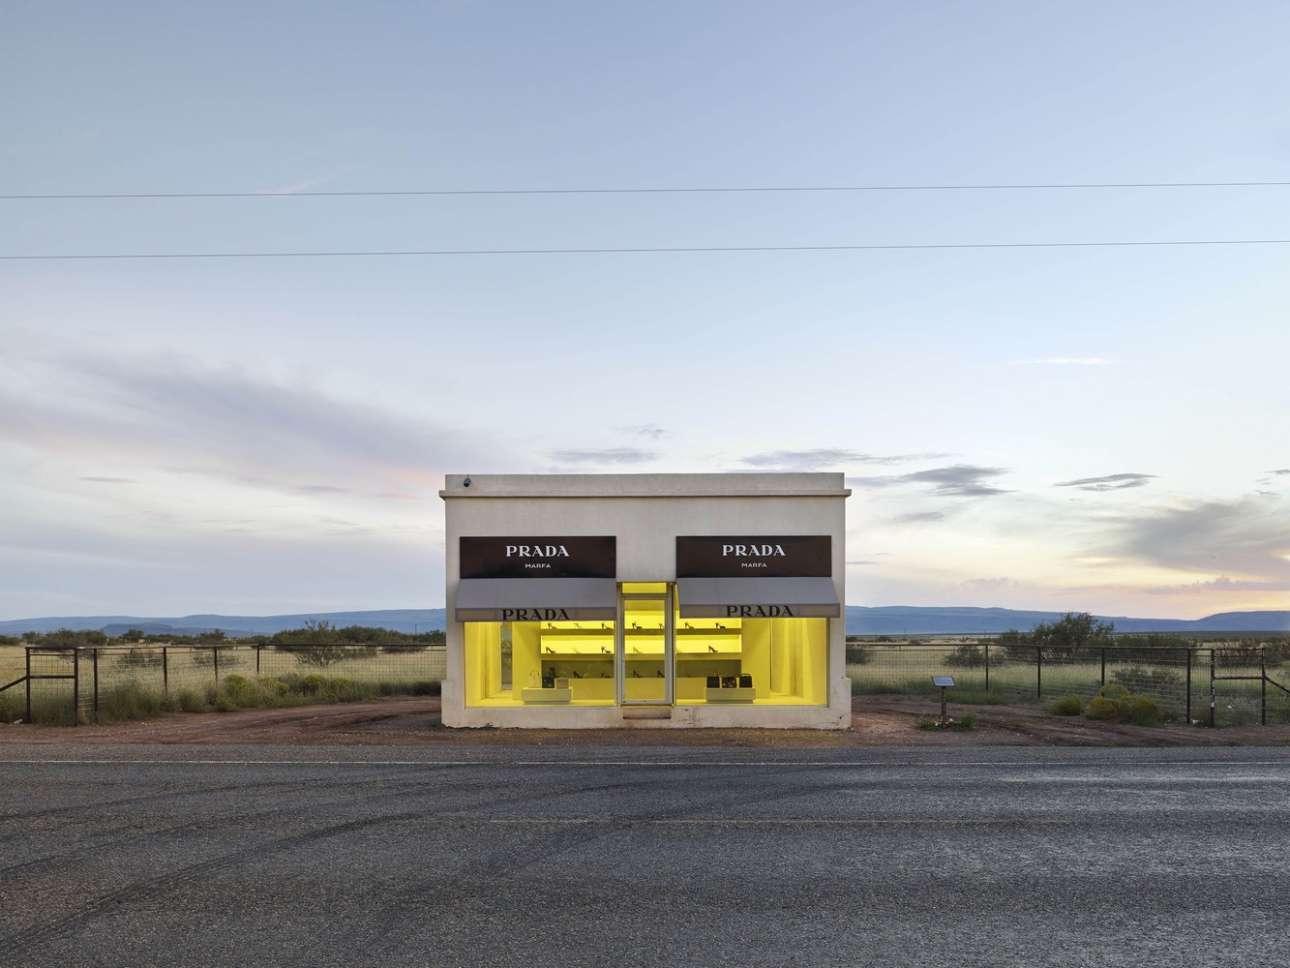 Εγκατάσταση «Prada Marfa» στο Τέξας, των εικαστικών Ελμγκριν και Ντράγκσετ